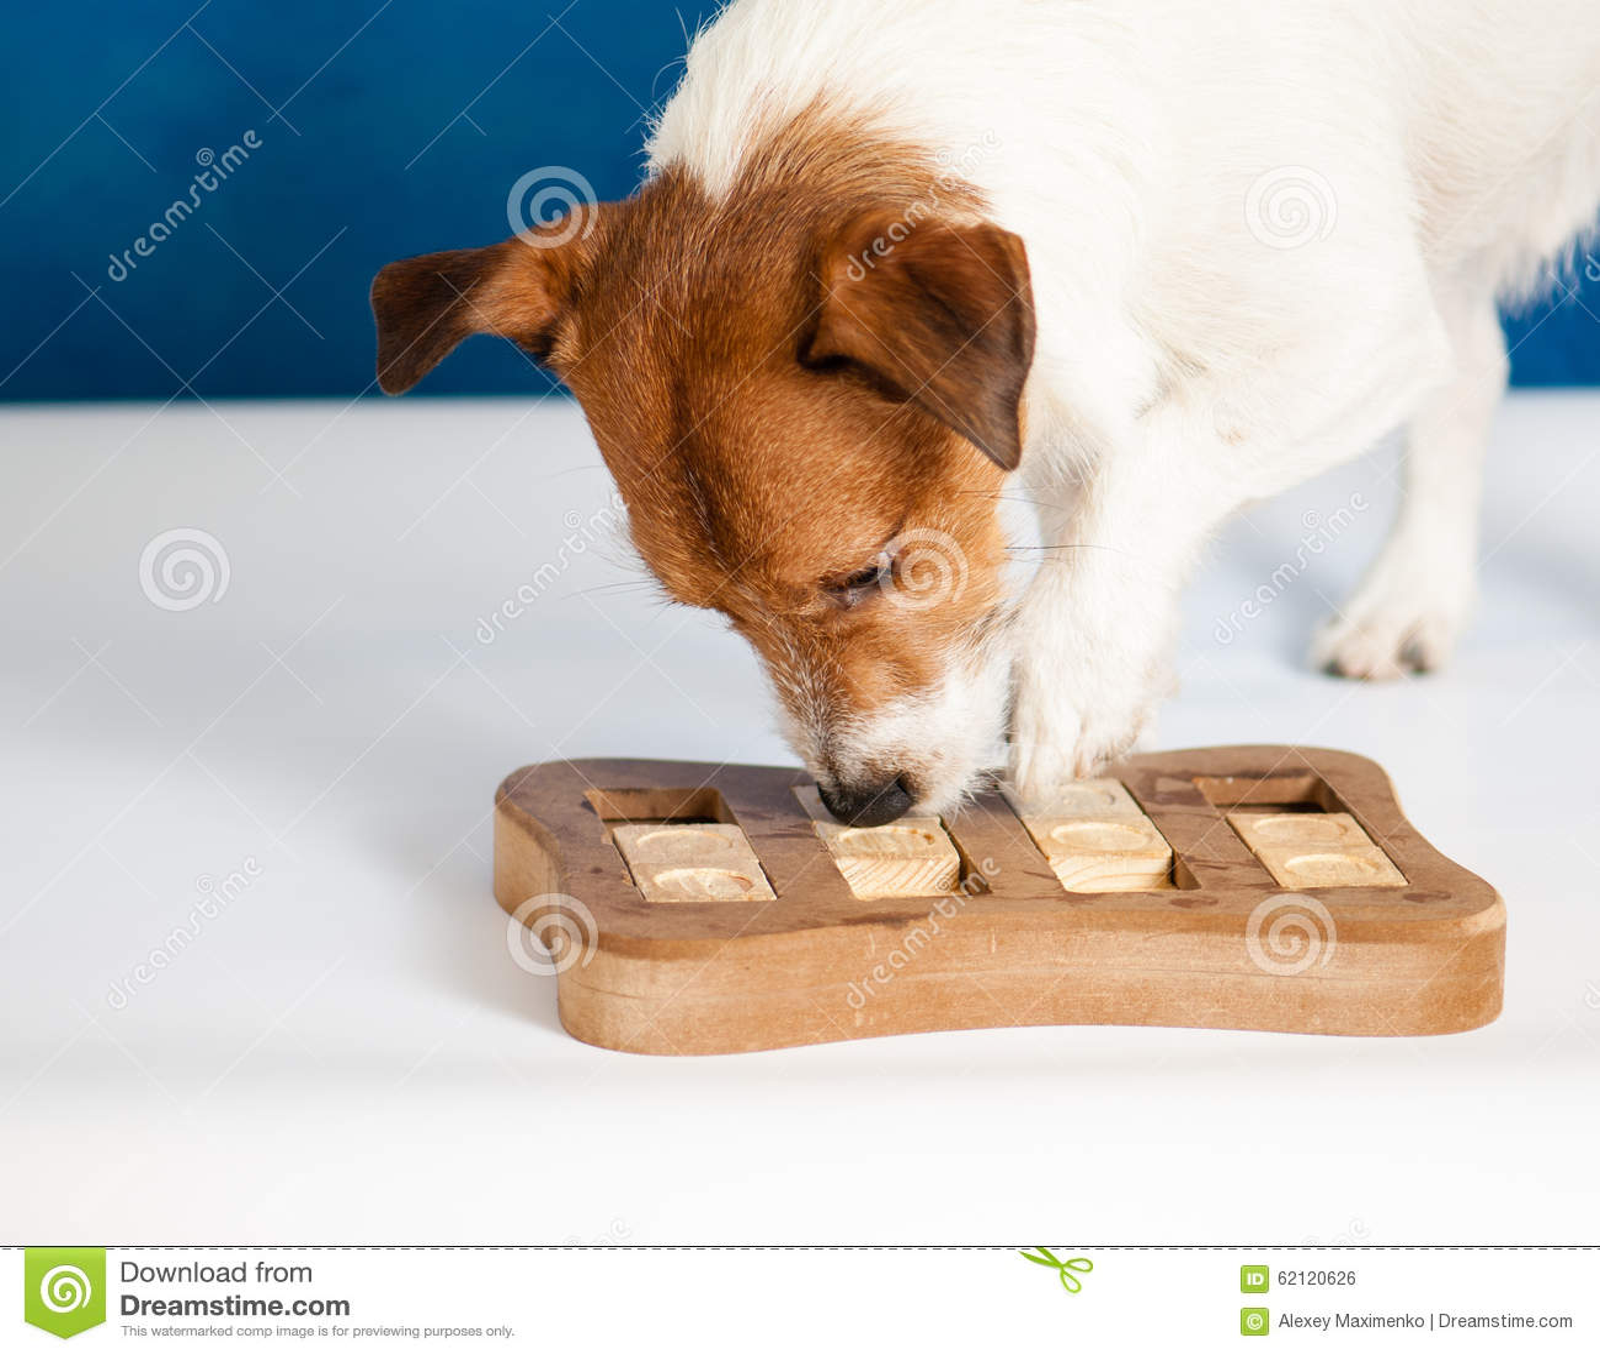 Cane che gioca gioco intellettuale